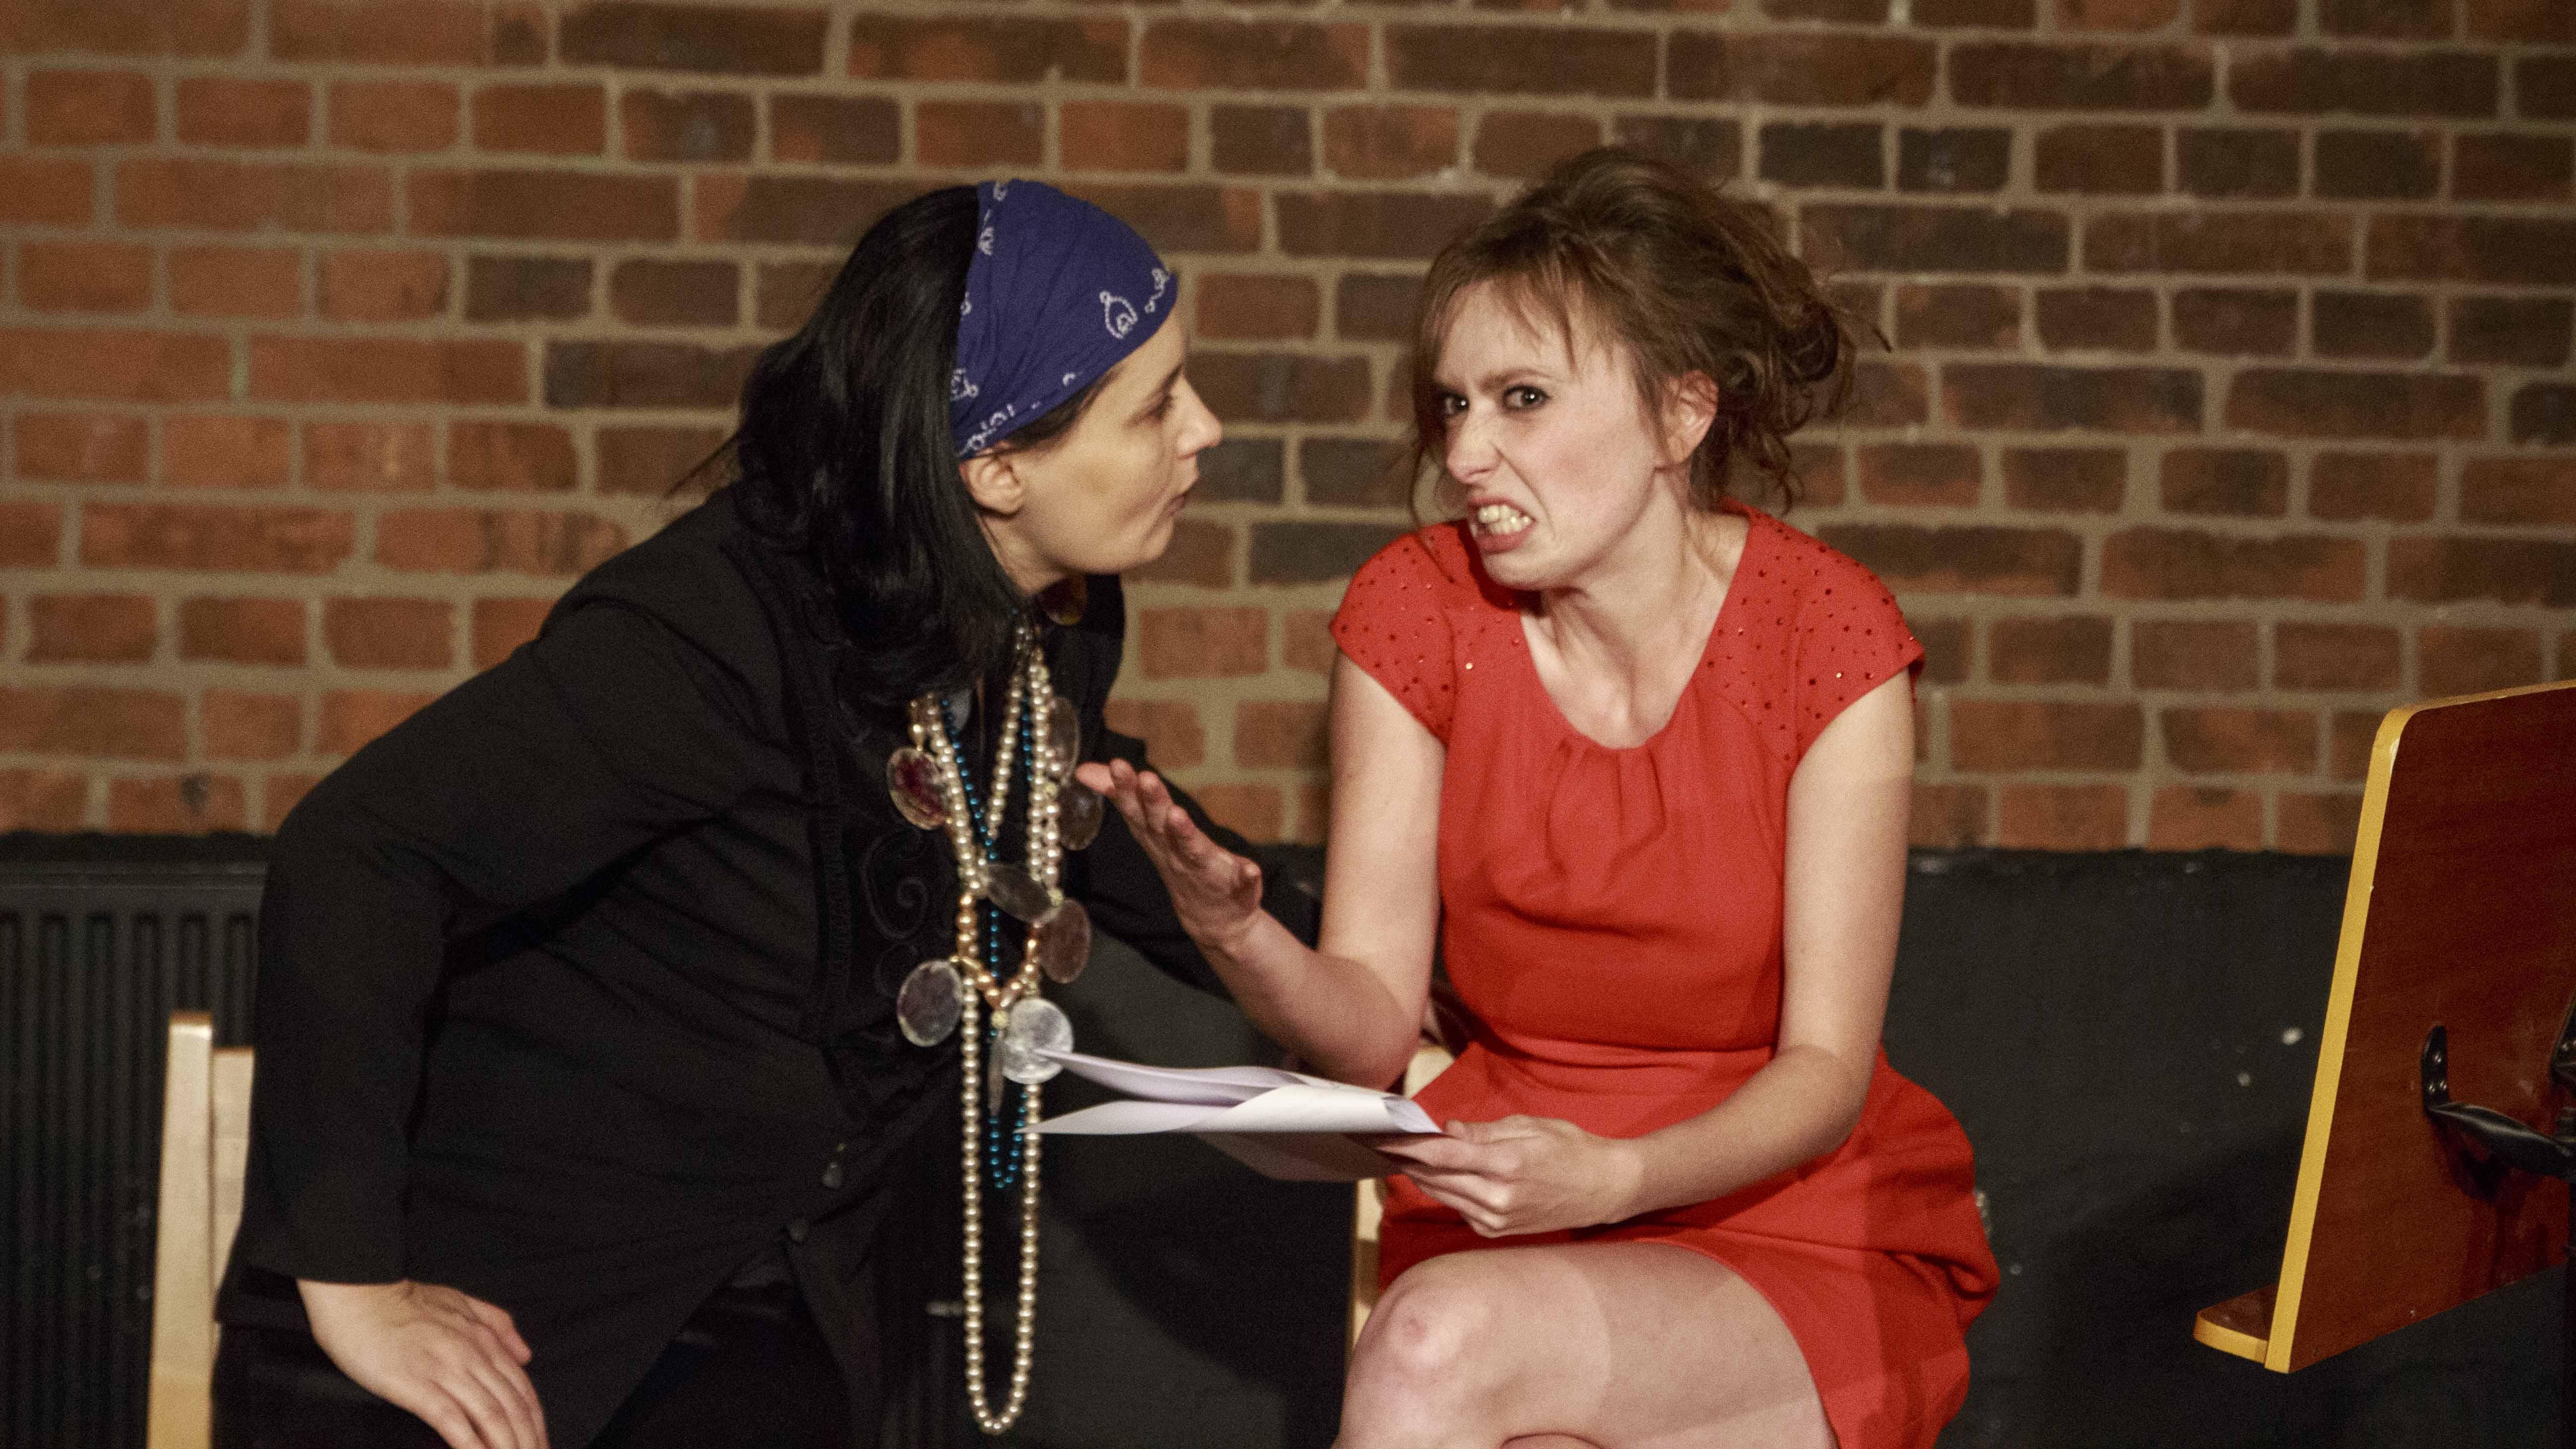 Zdjęcie ze spektaklu Dzielnice cudów. Dwie aktorki jedna aktorka w czerwonej sukience, druga aktorka przebrana jak cyganka. Rozmawiają. Aktorka w czerwonym pokazuje zęby.